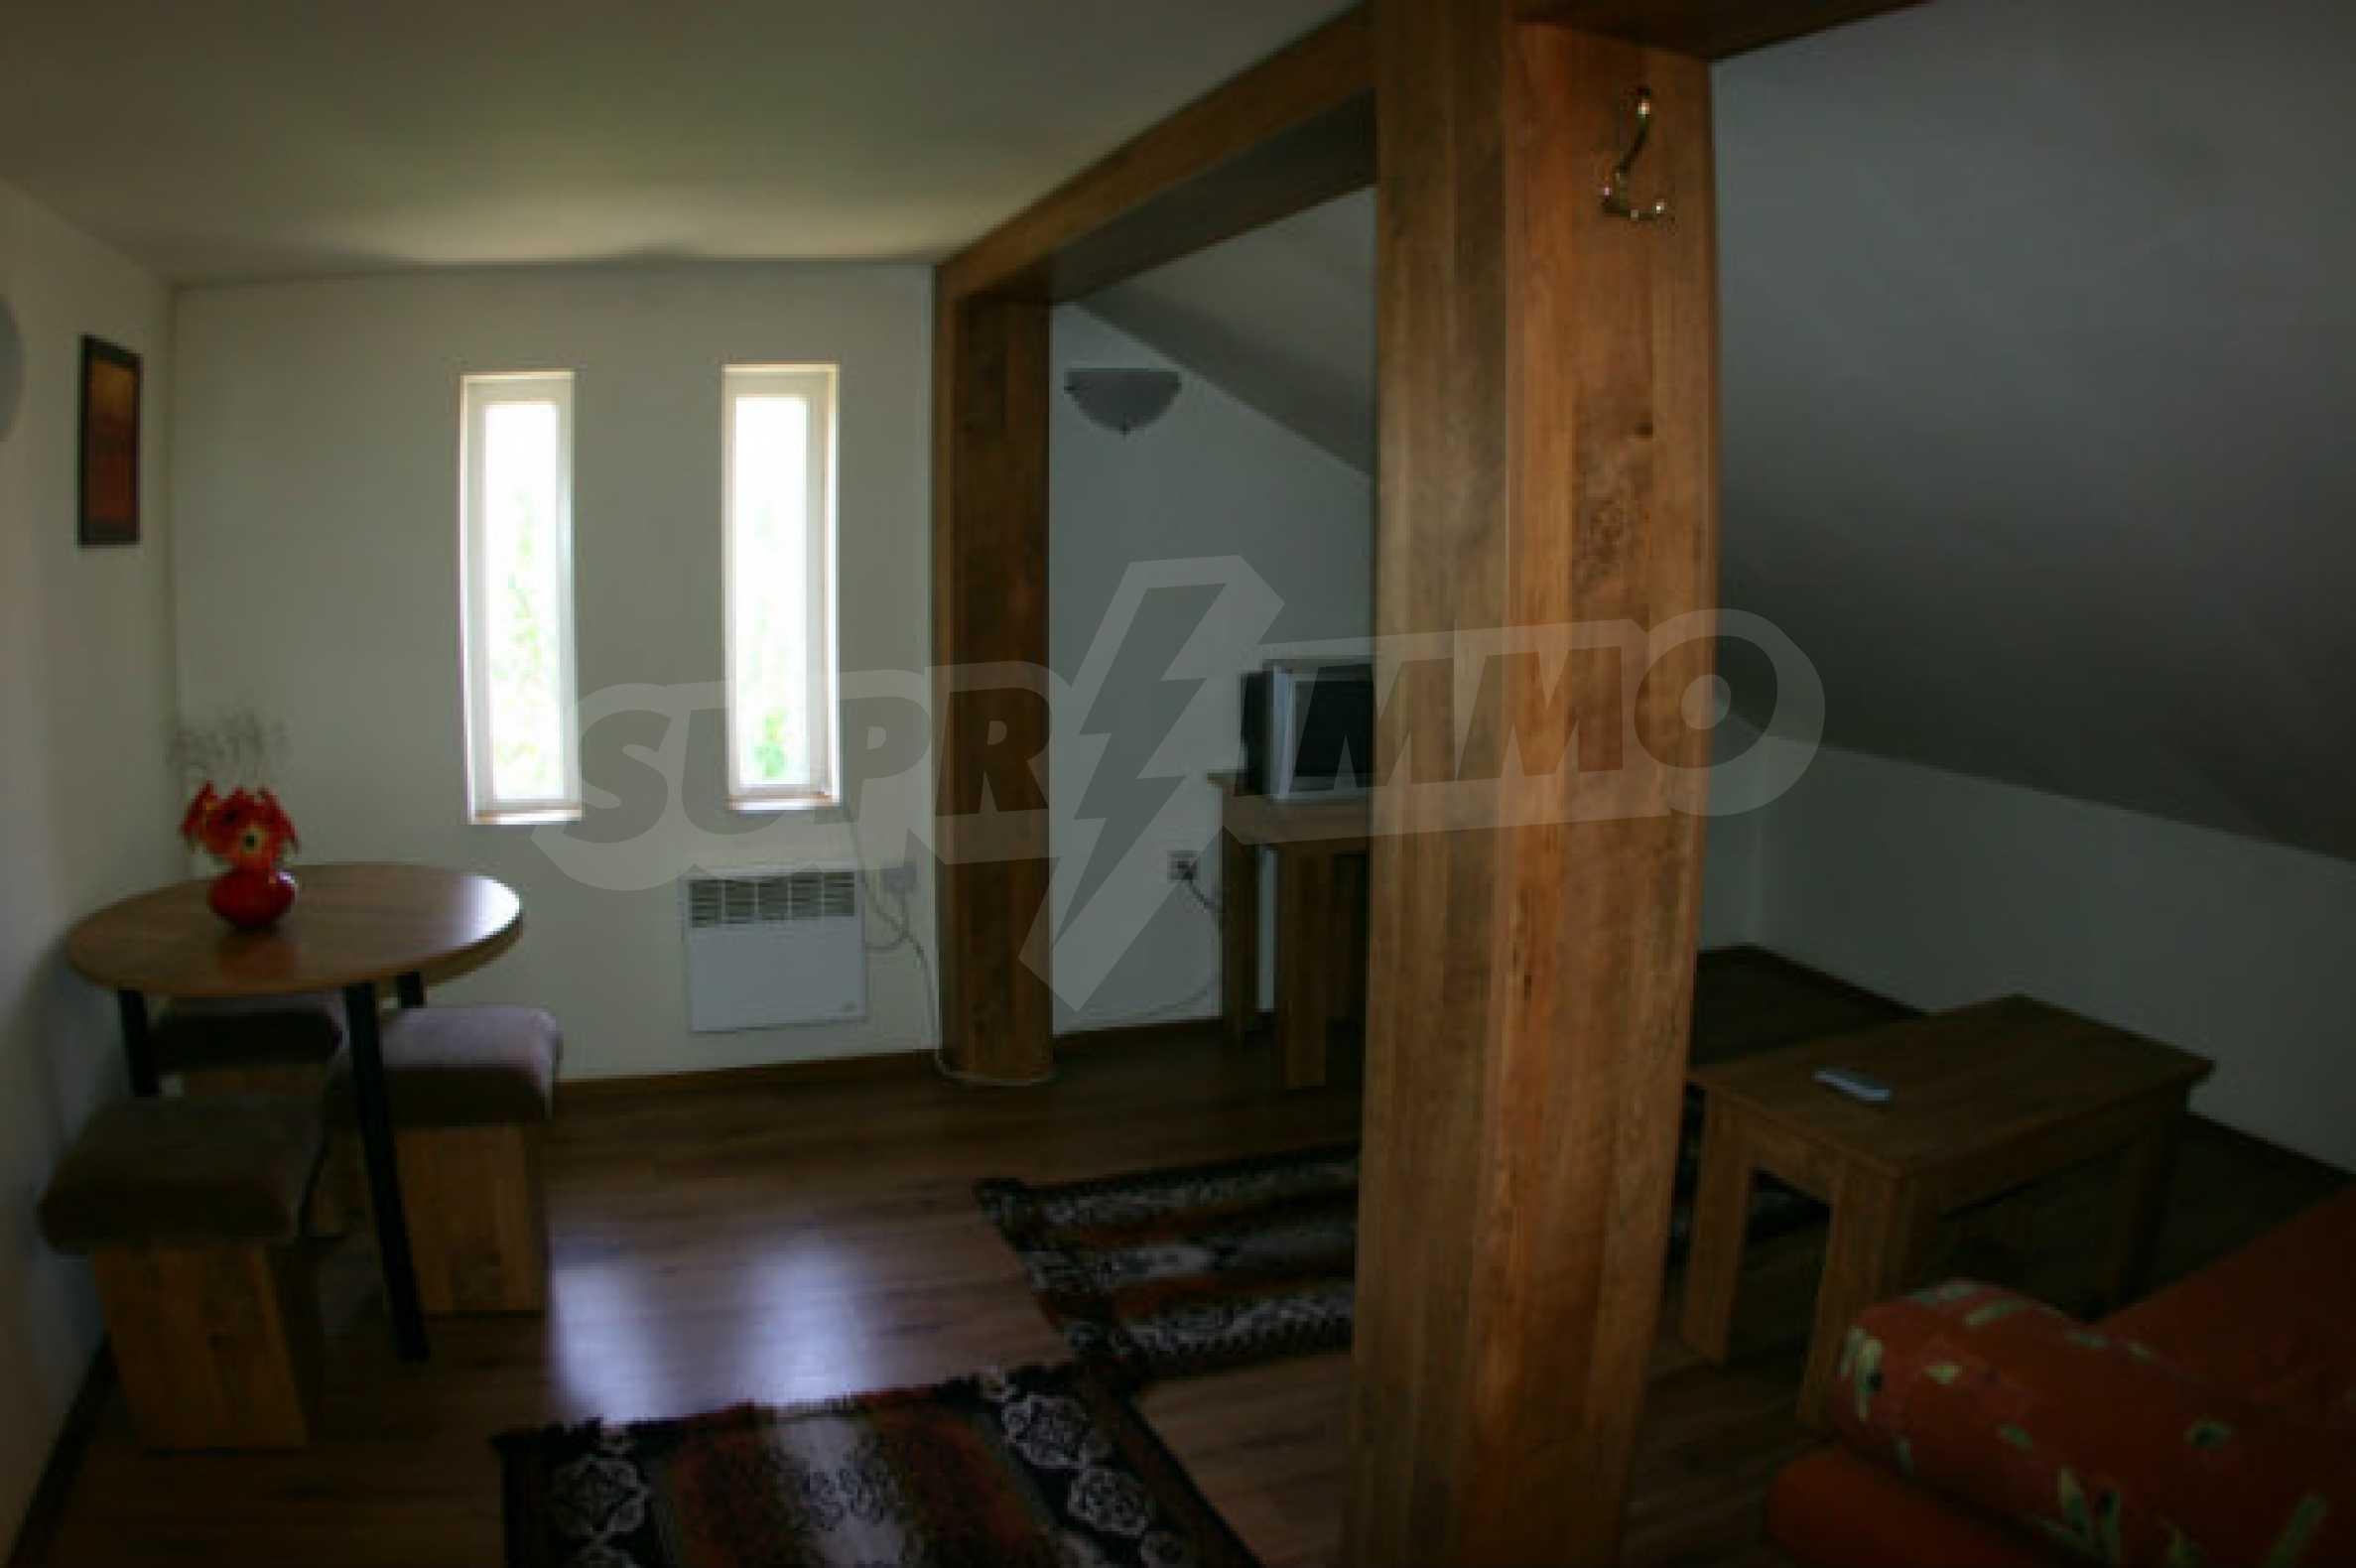 Familienhotel zum Verkauf in Dobrinischte, 6 km von Bansko entfernt 27